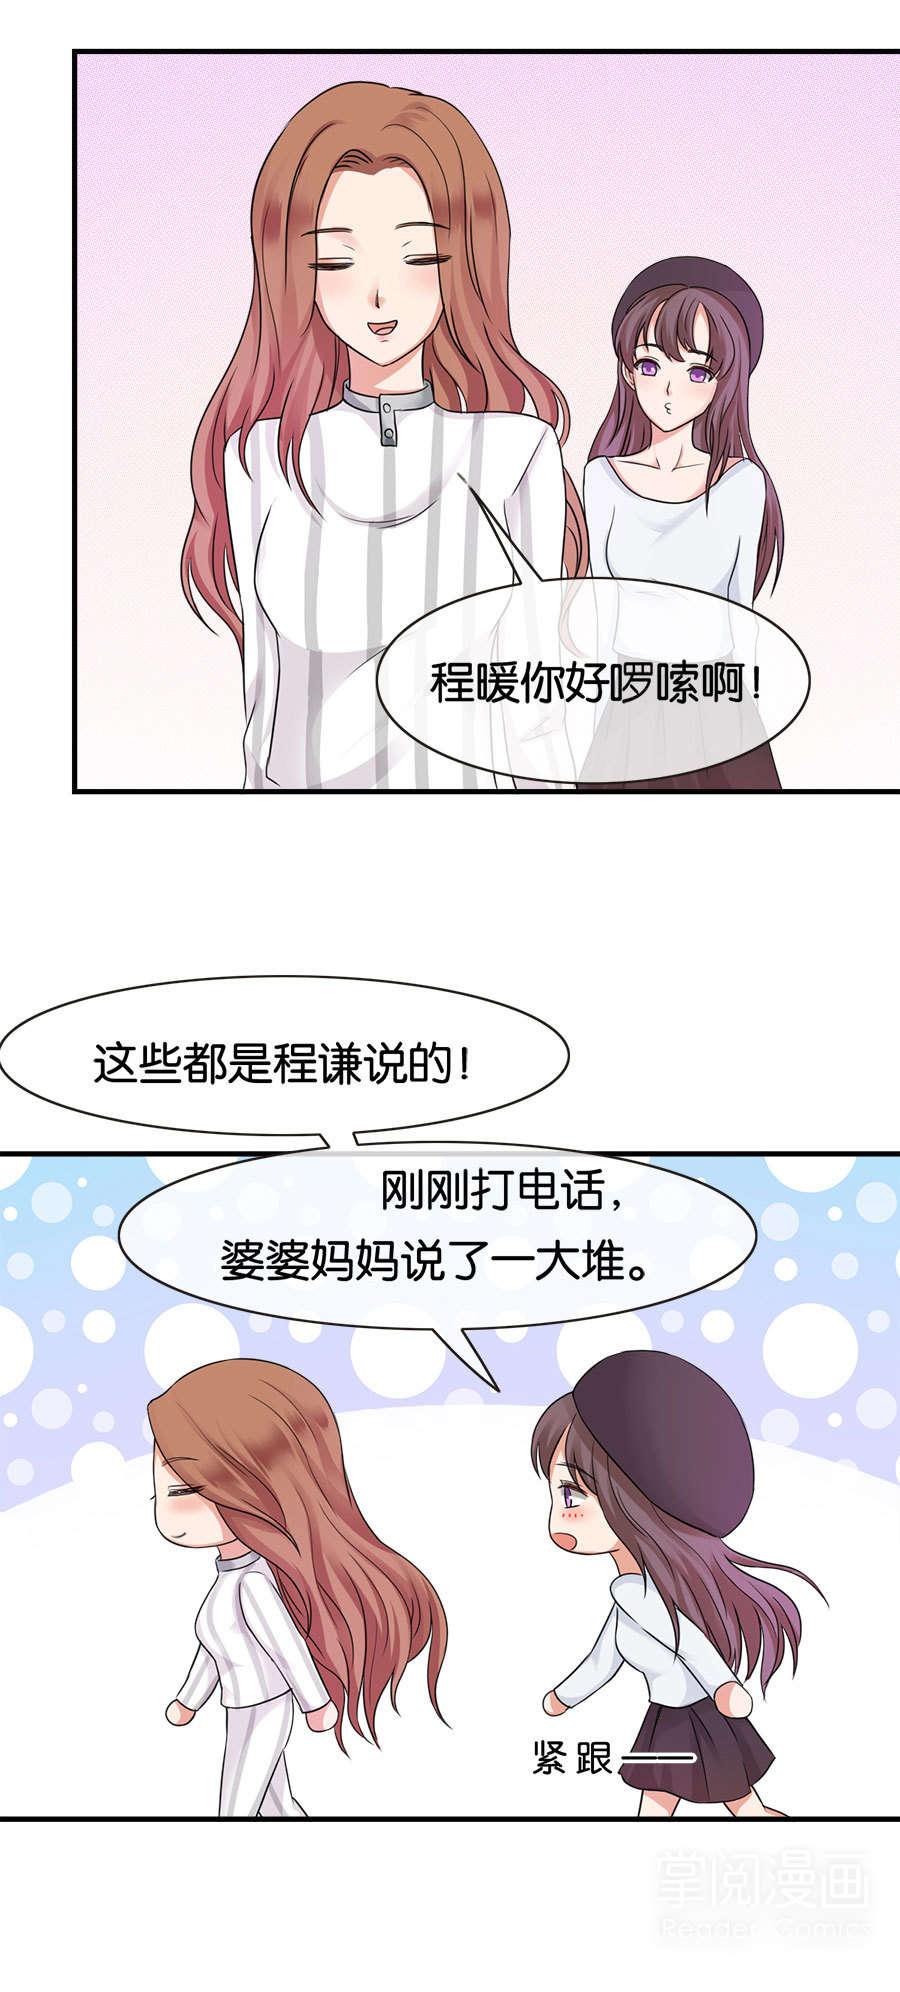 幸好流年遇见你第22话  中国女人的韵味 第 5